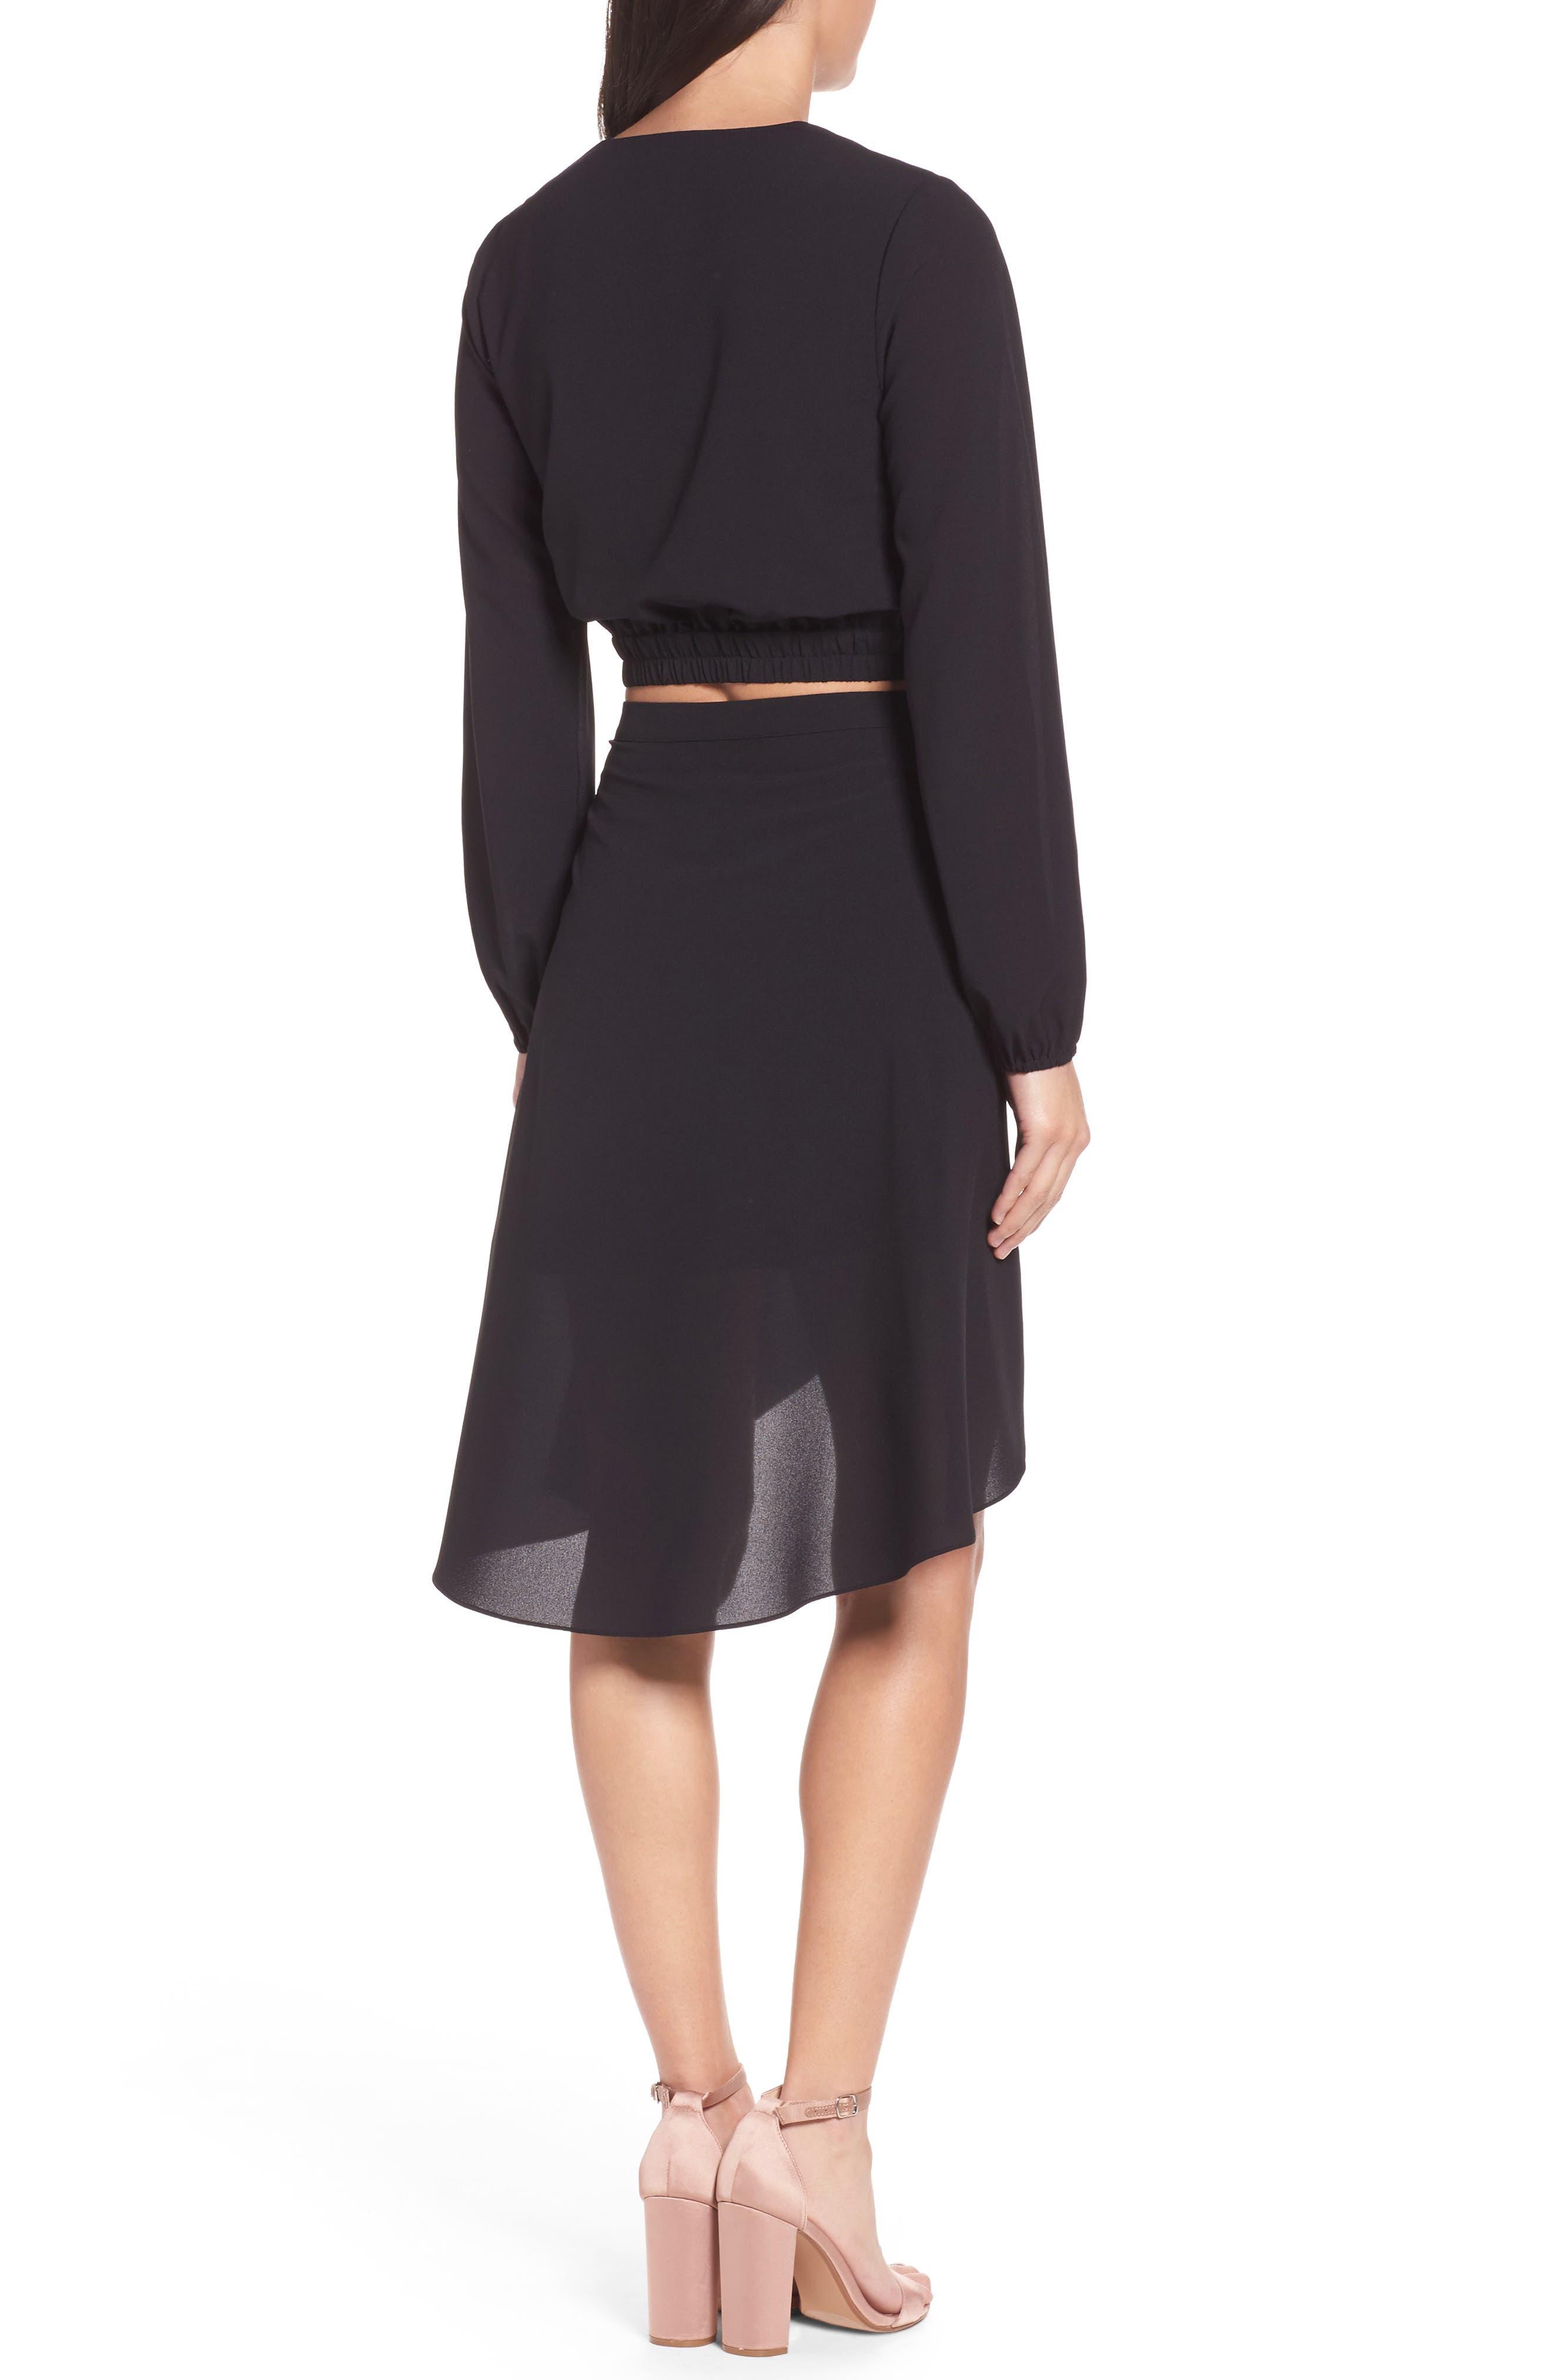 St. Tropez Two-Piece Dress,                             Alternate thumbnail 2, color,                             001